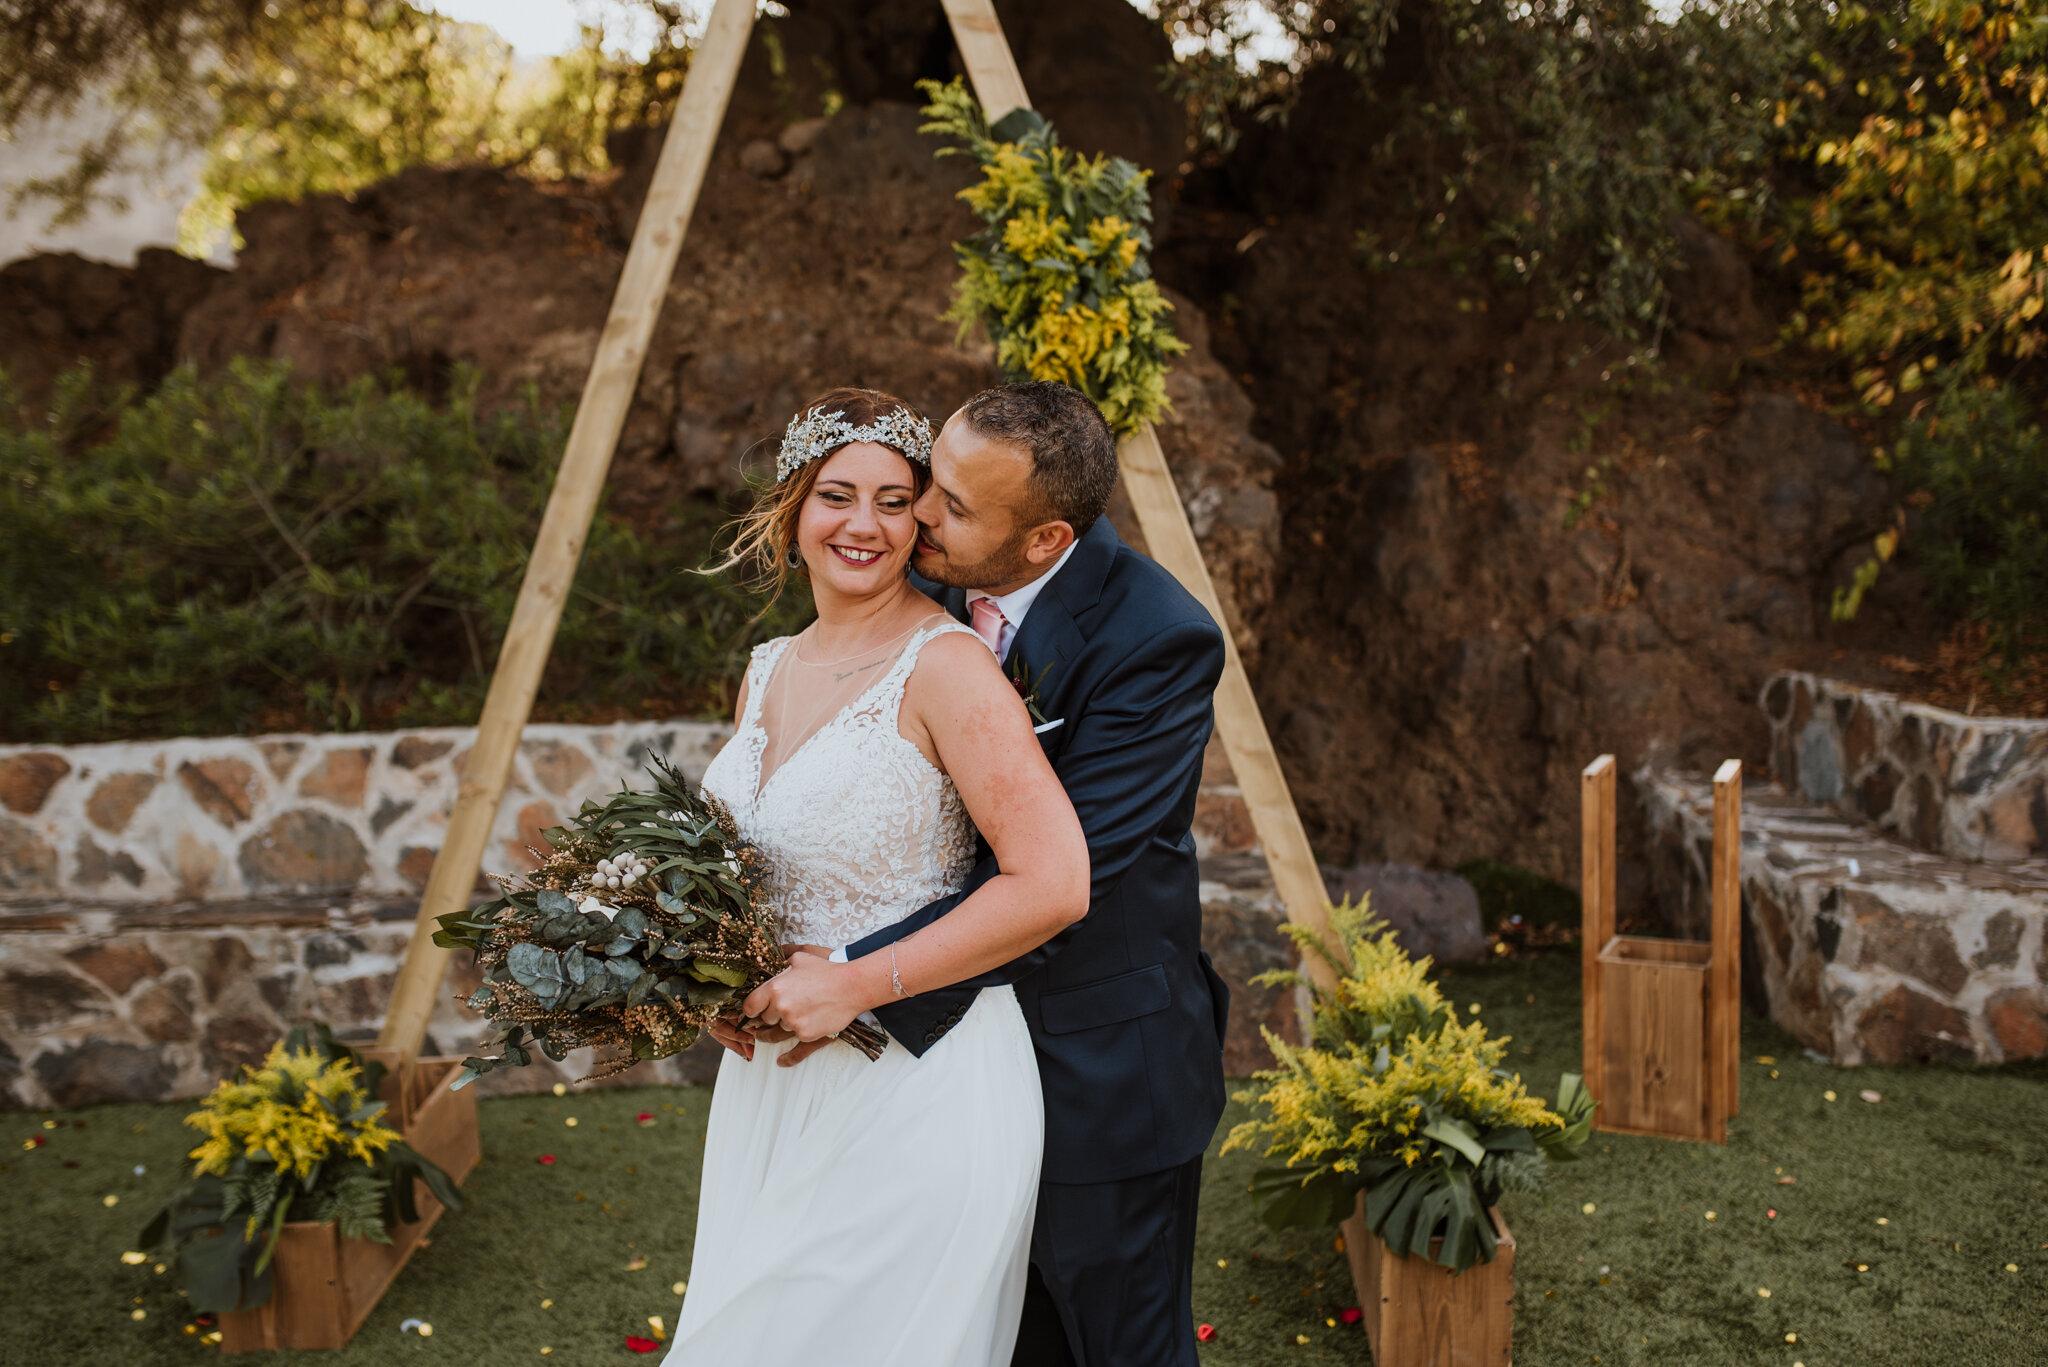 fotografo de bodas las palmas_-95.jpg